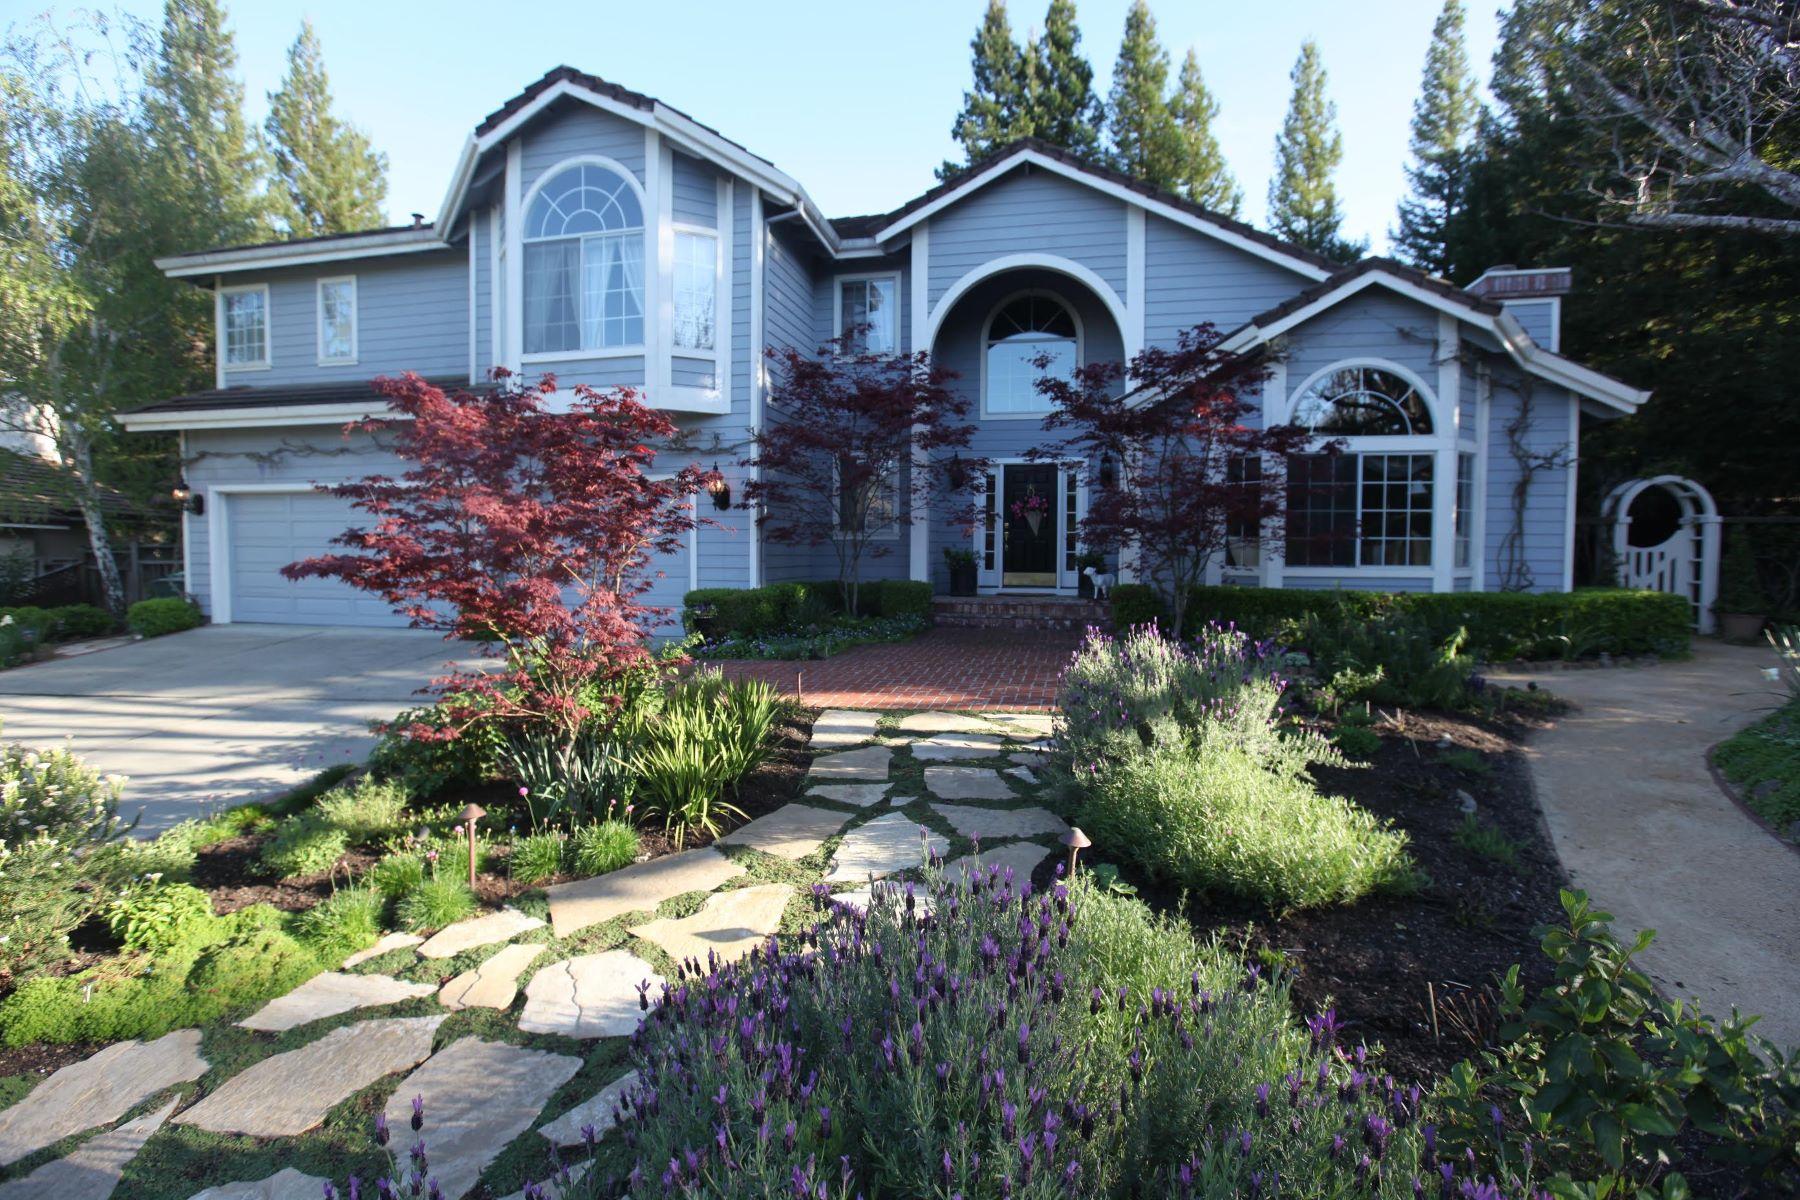 Single Family Home for Sale at 7932 Doral CT., Pleasanton Pleasanton, California 94588 United States